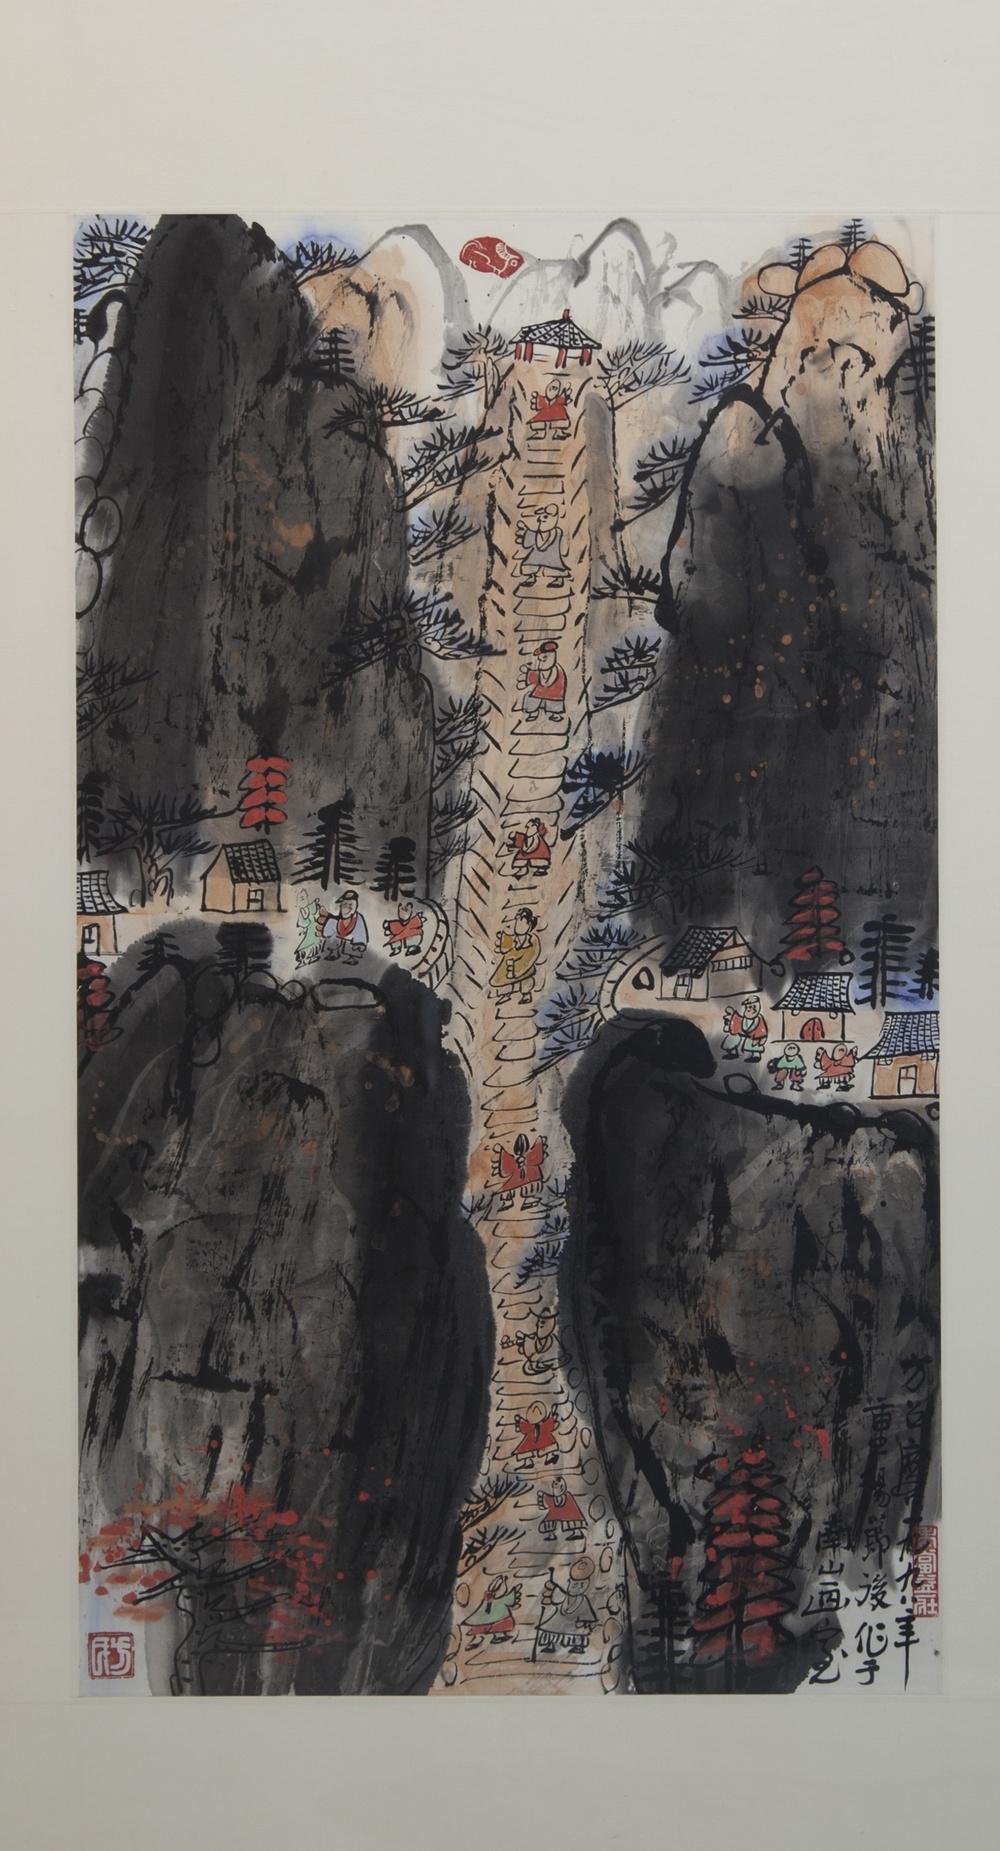 Fang Zhaoling